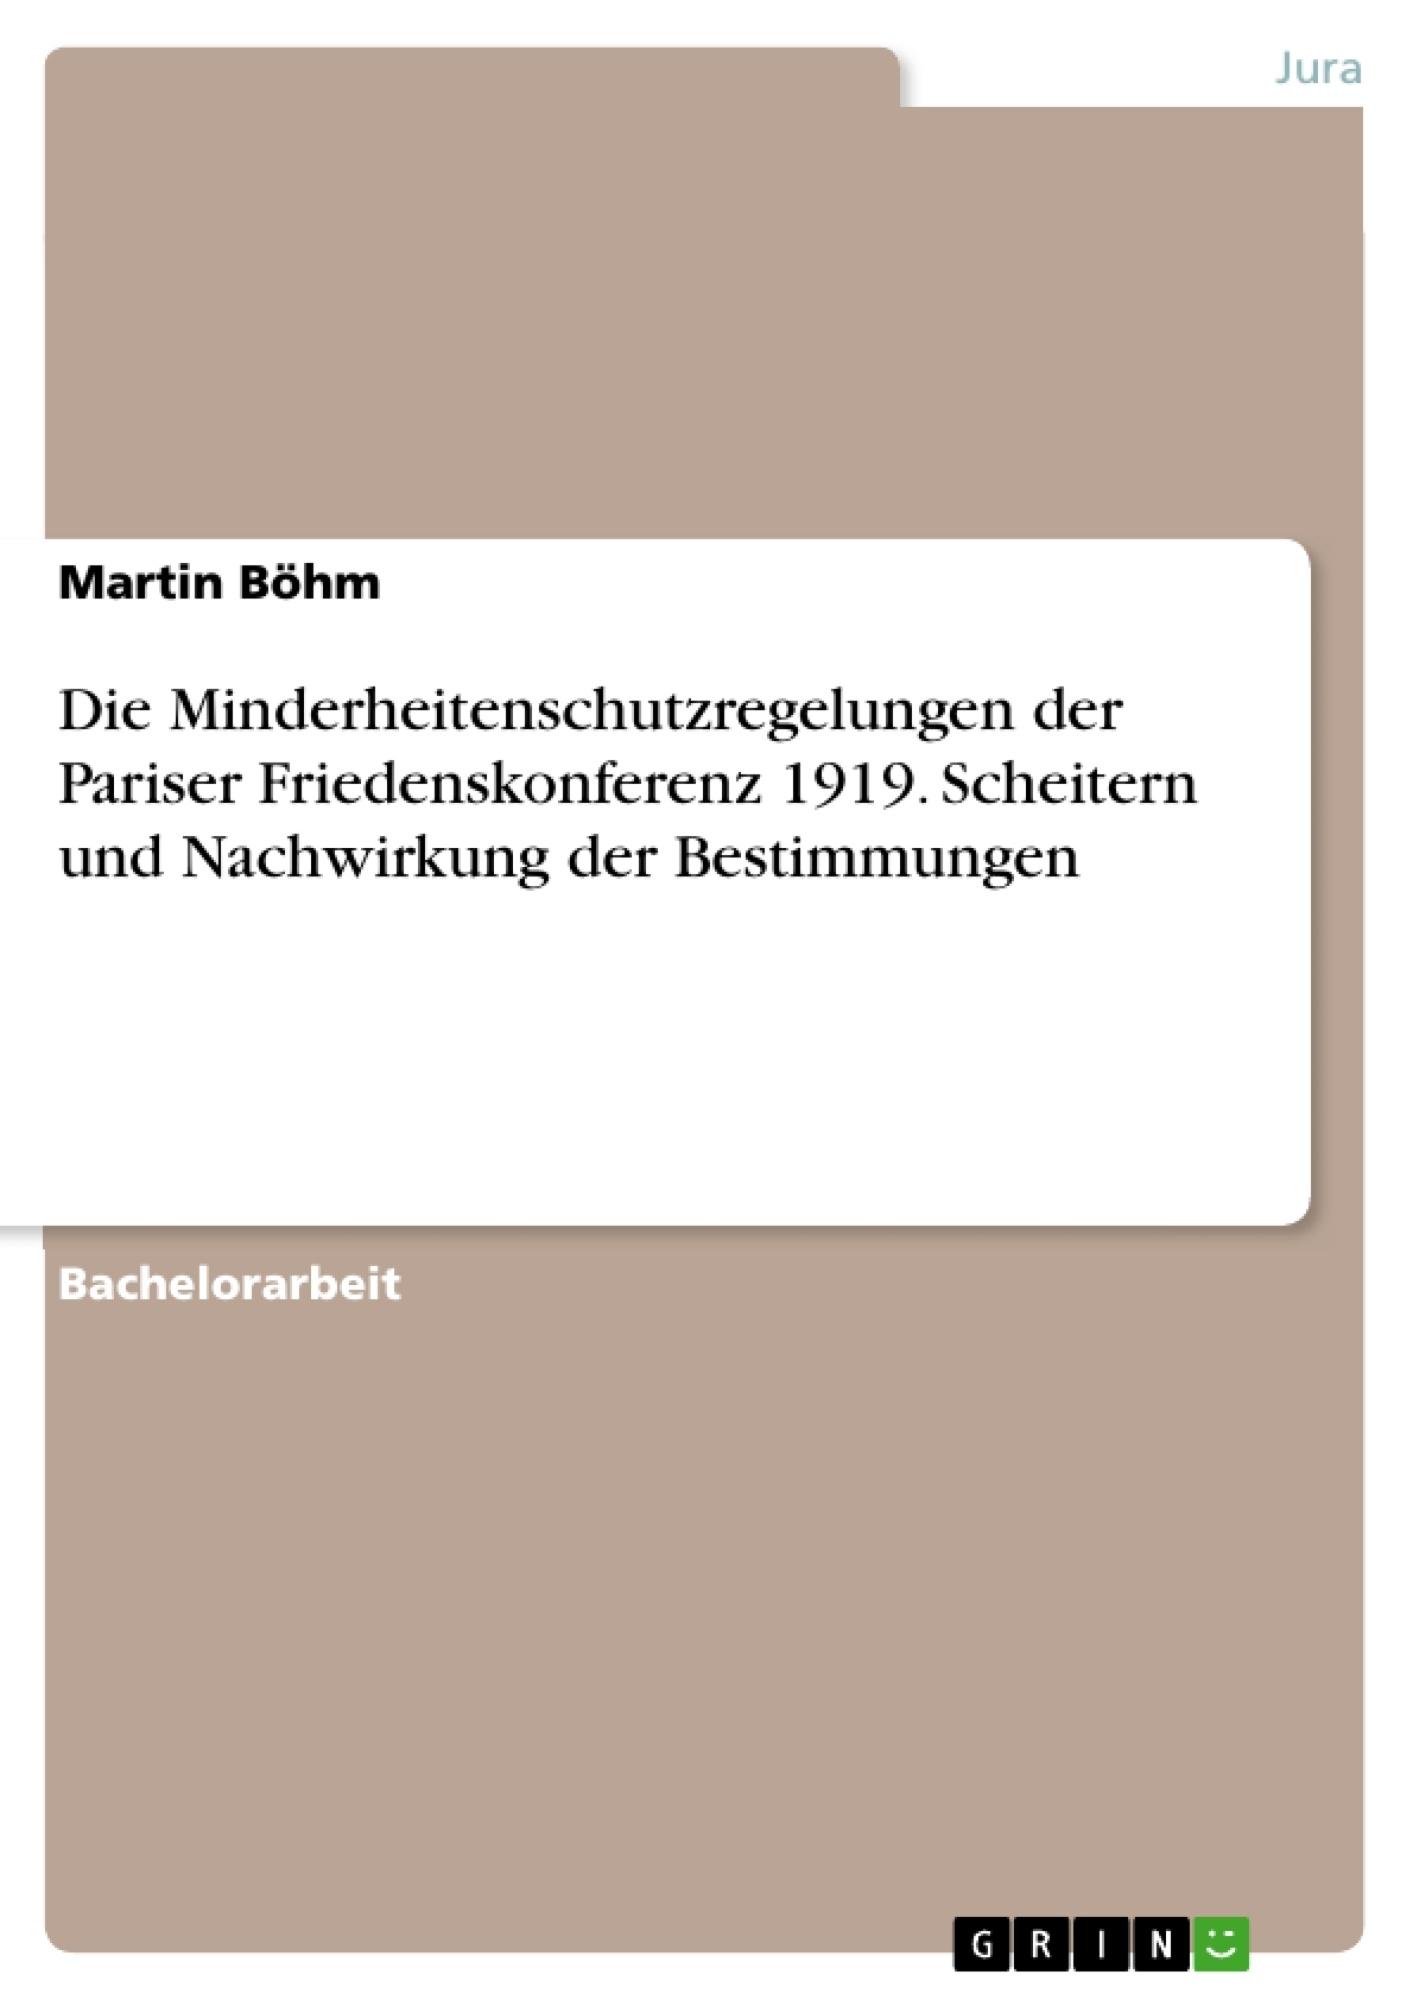 Titel: Die Minderheitenschutzregelungen der Pariser Friedenskonferenz 1919. Scheitern und Nachwirkung  der Bestimmungen